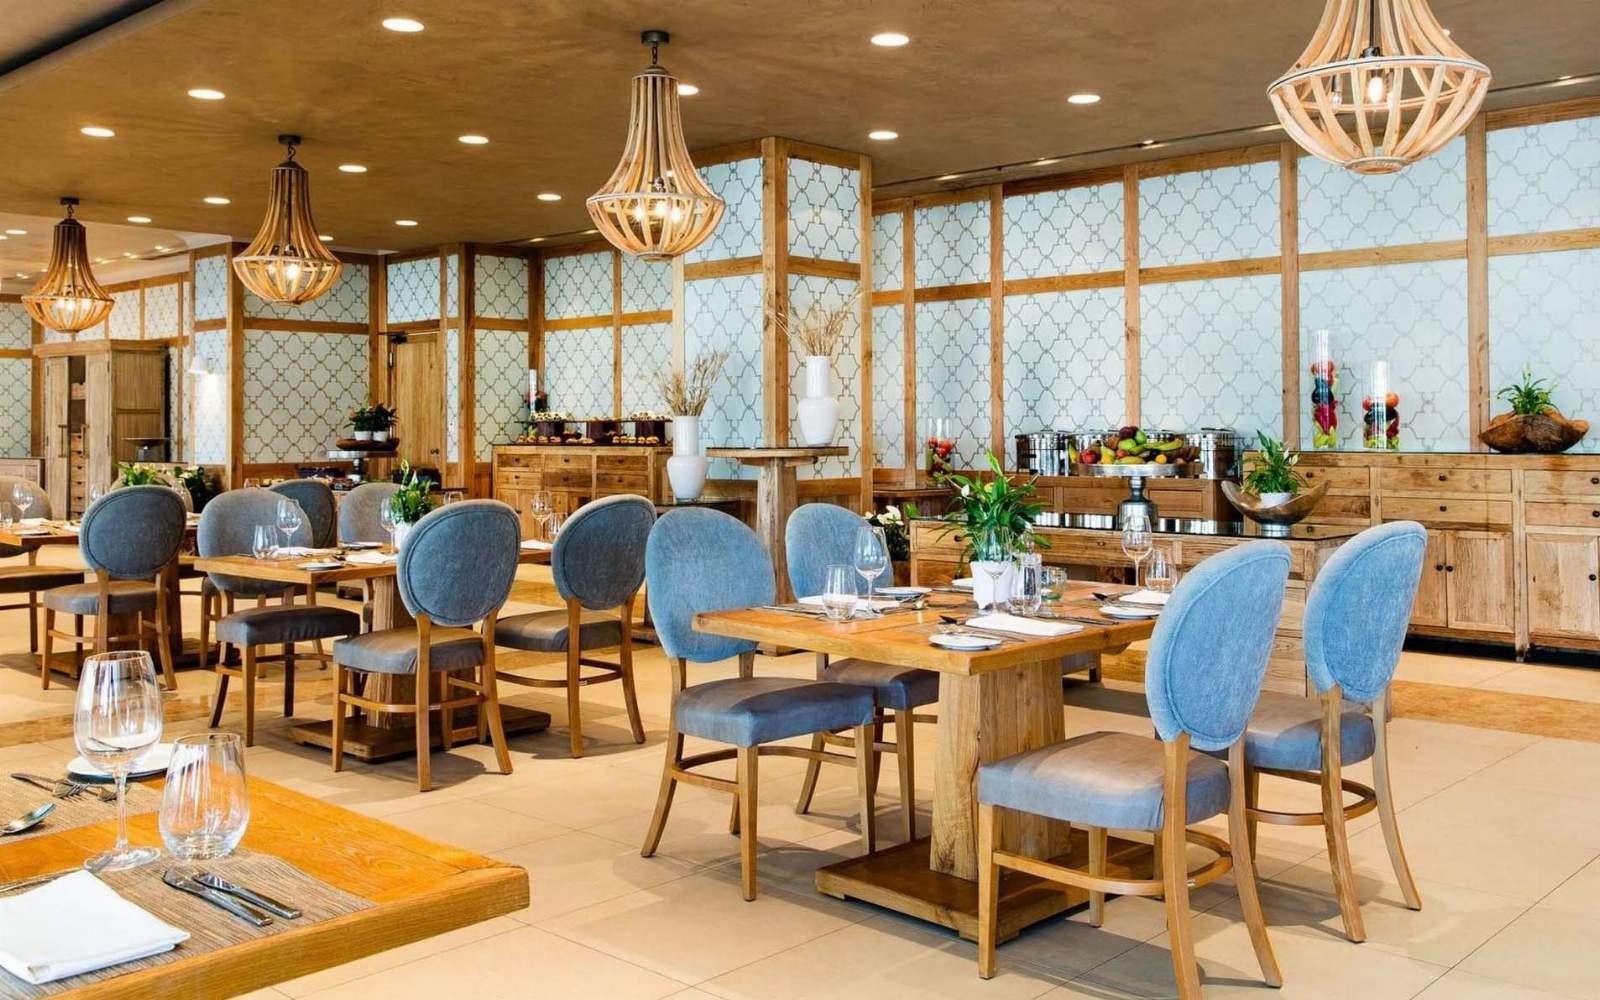 Ikos Olivia - Provence restaurant